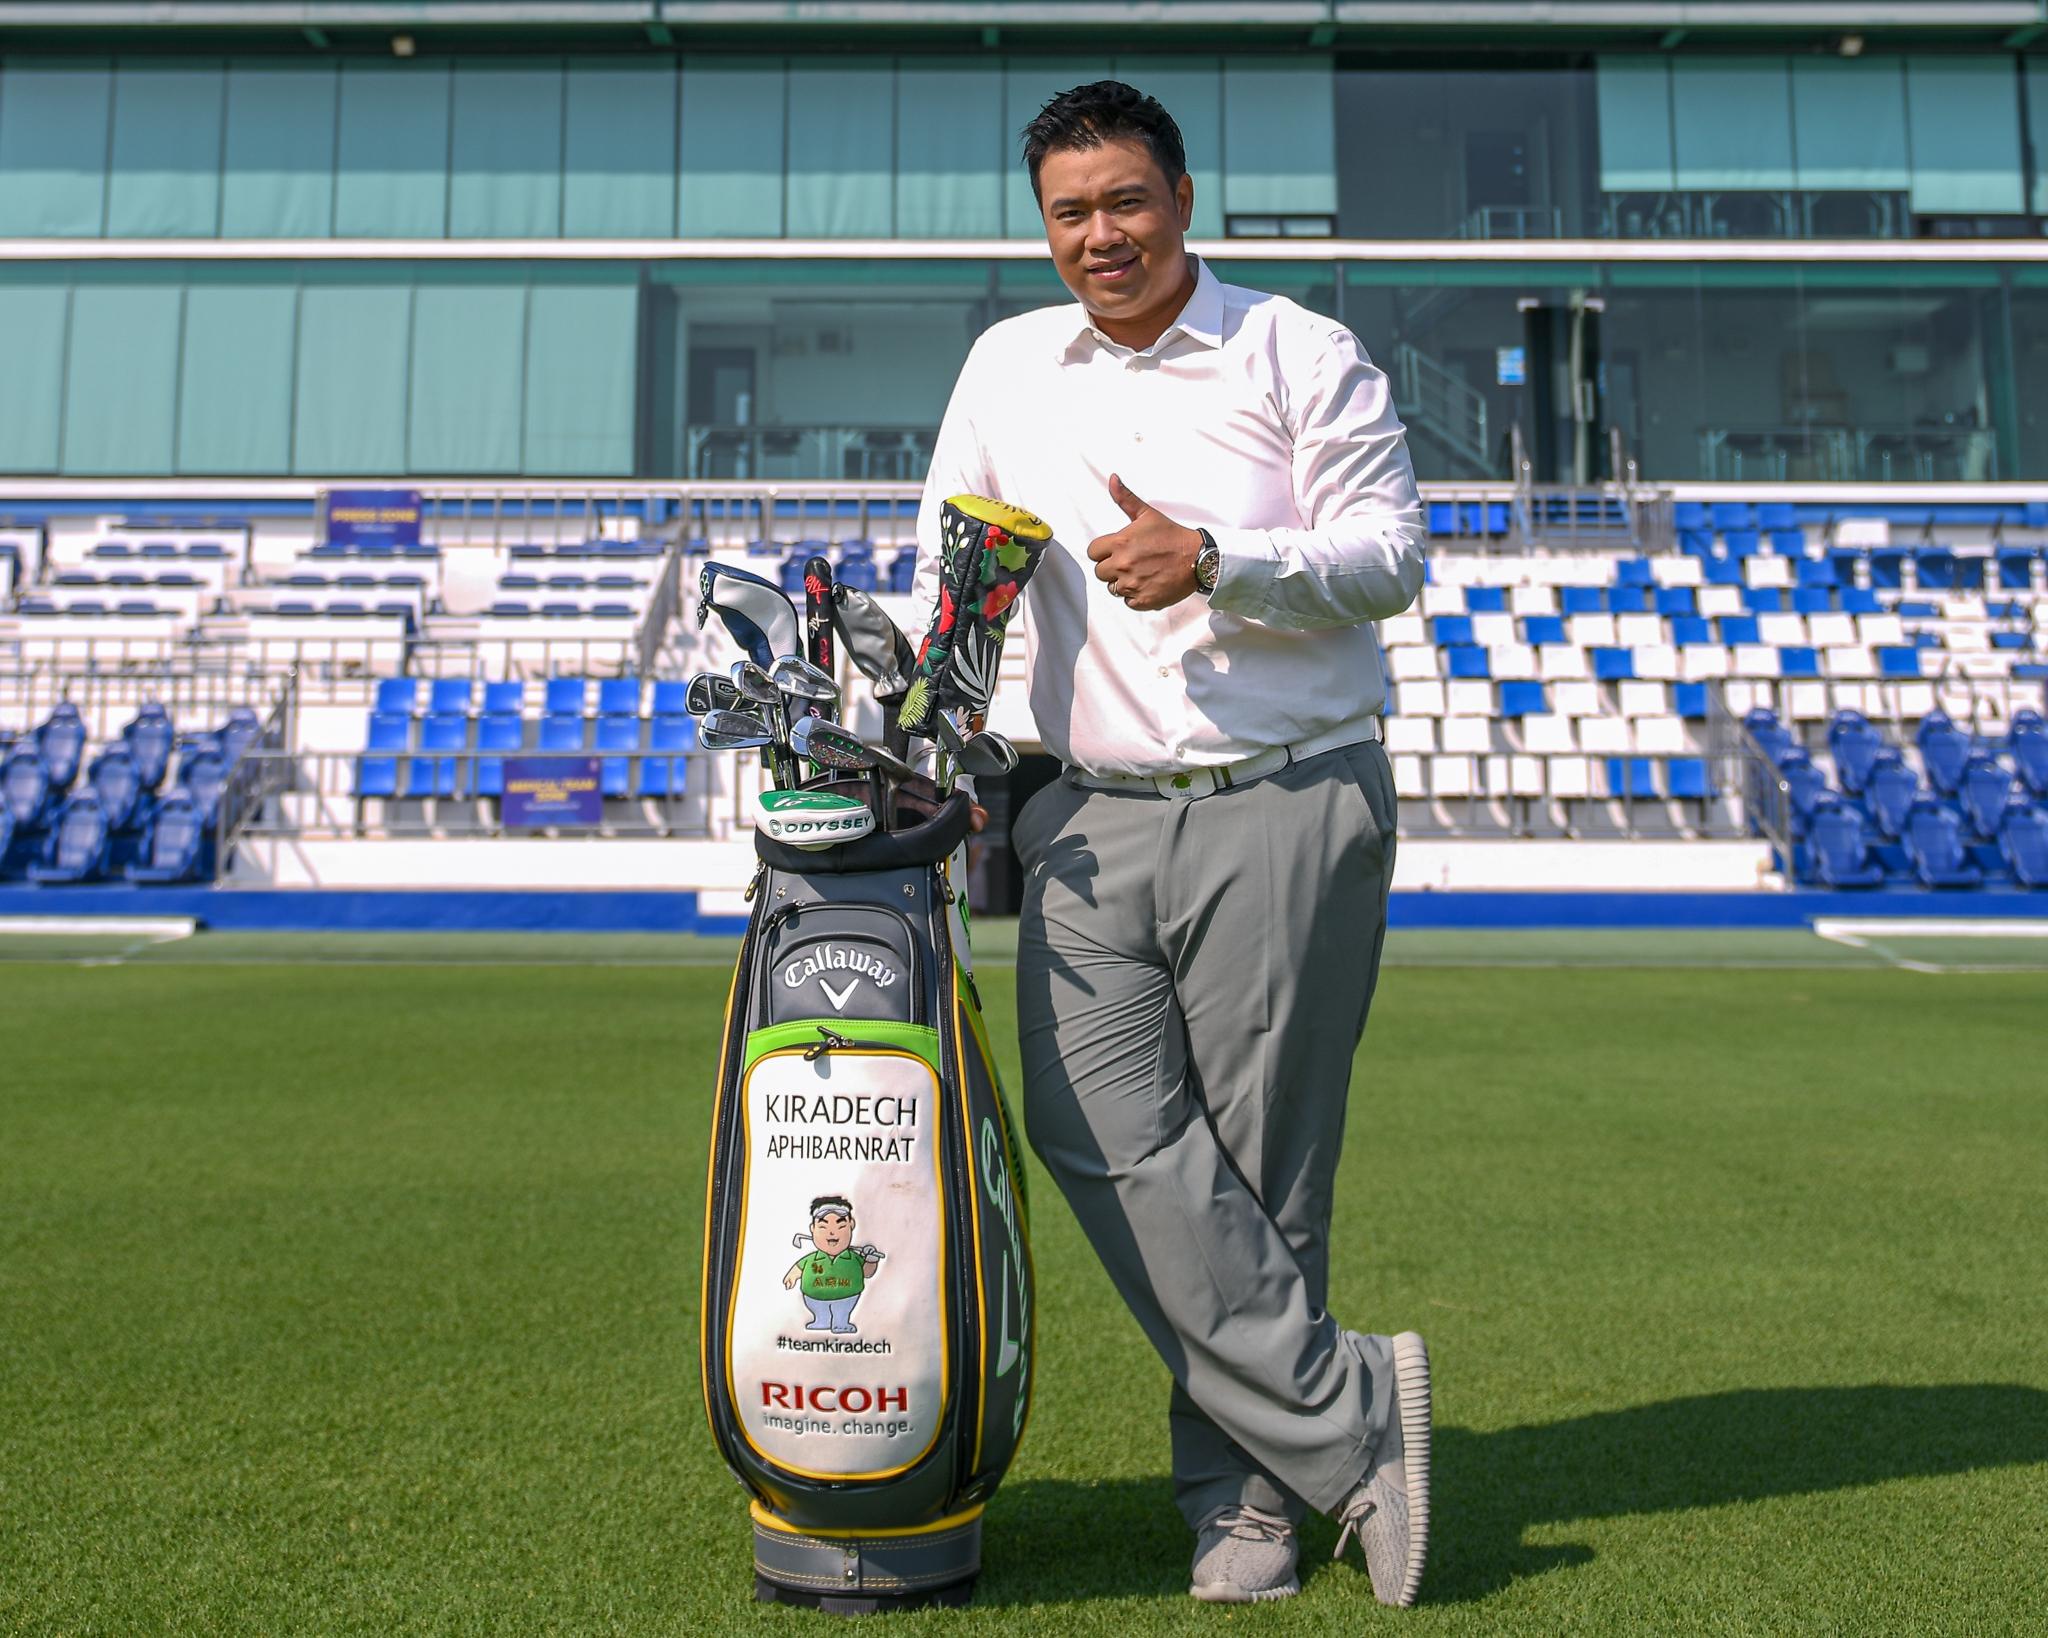 BGC มุ่งพัฒนาศักยภาพนักกอล์ฟไทย หนุน โปรอาร์ม ลุยศึกกอล์ฟระดับโลก